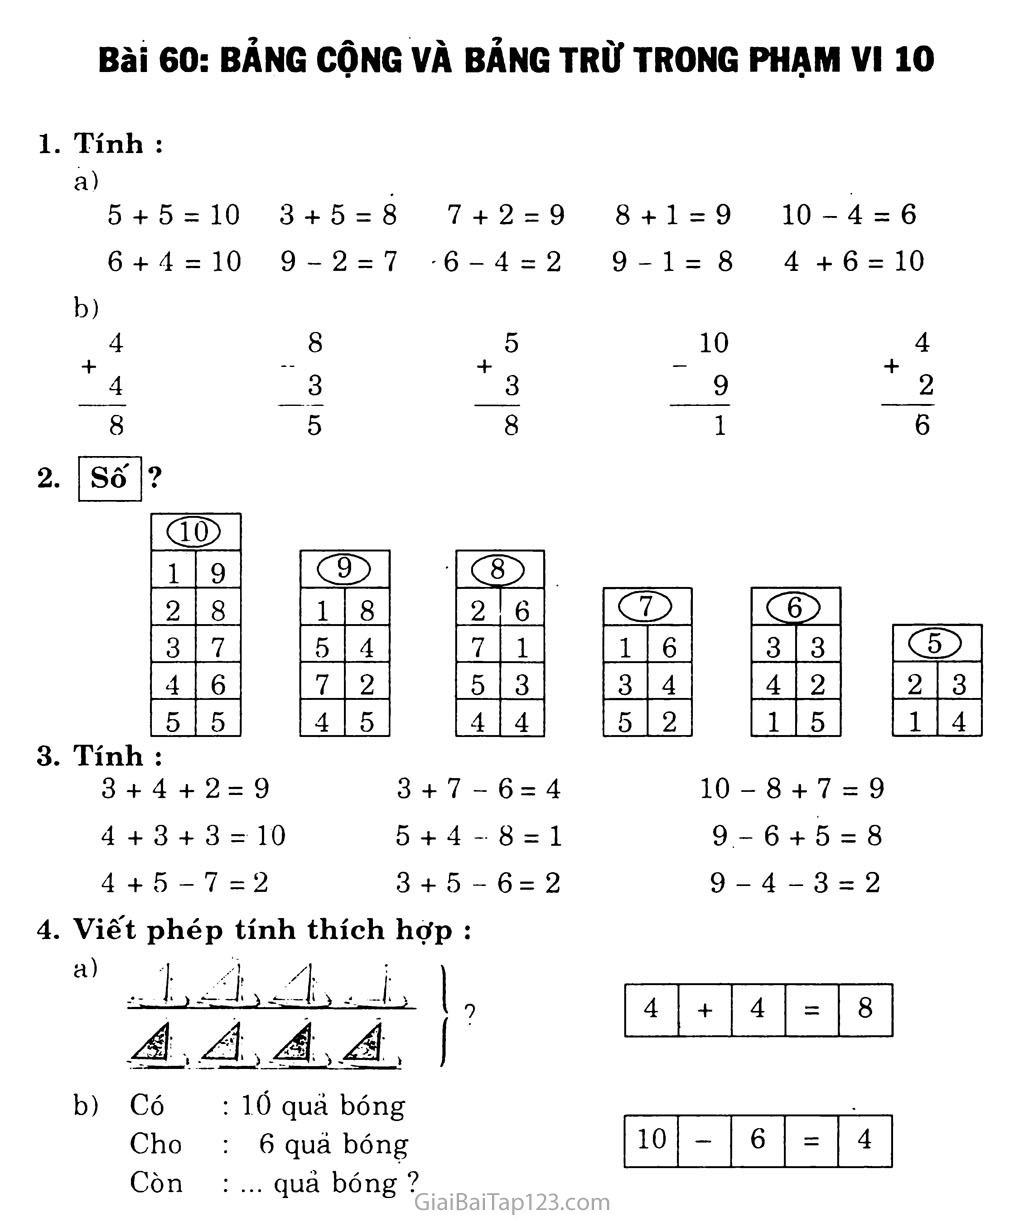 Bài 60: Bảng cộng và bảng trừ trong phạm vi 10 trang 1